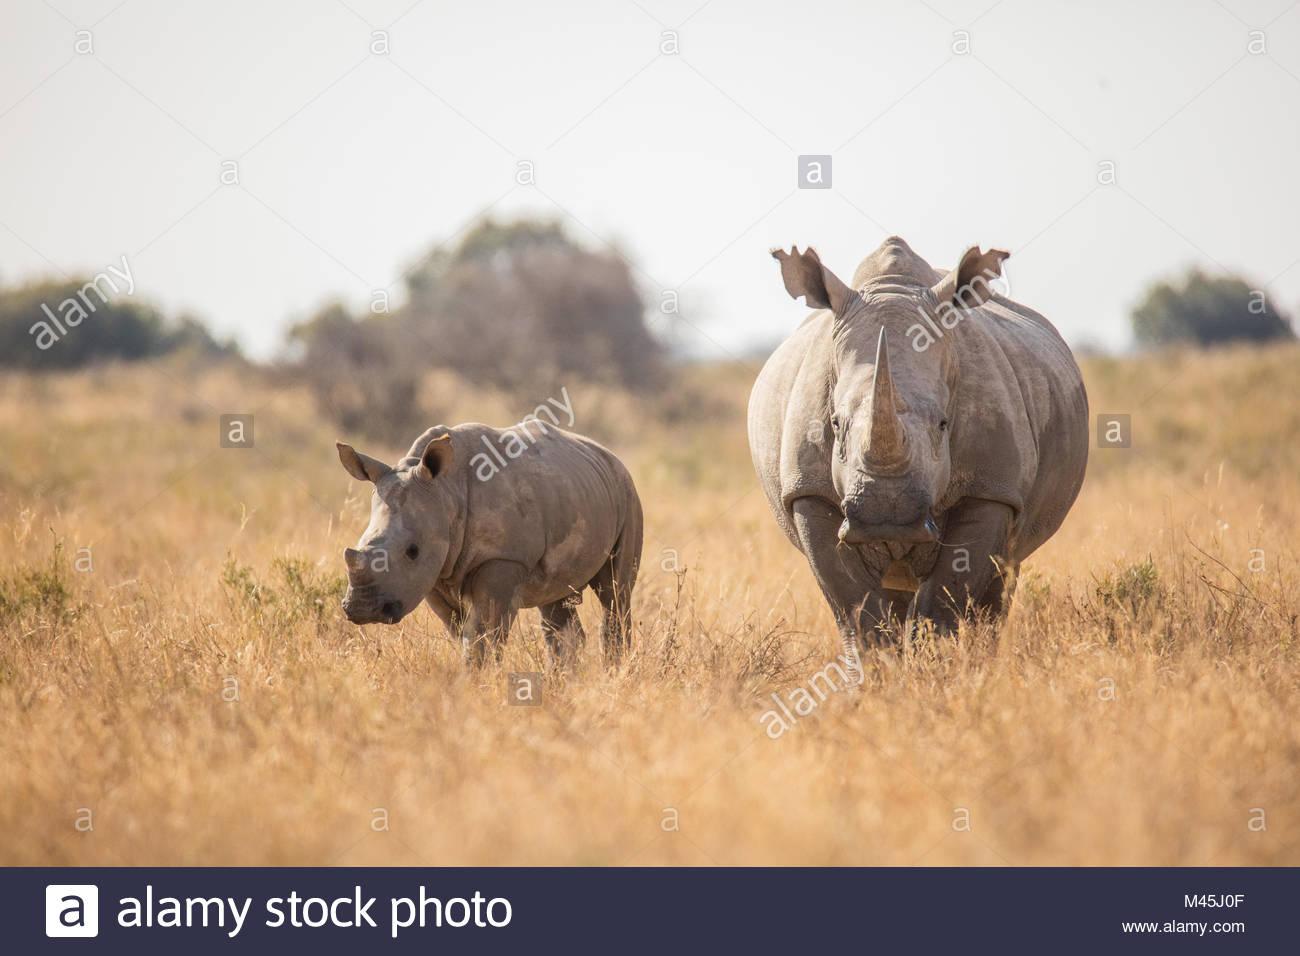 Rhino Photo Stock